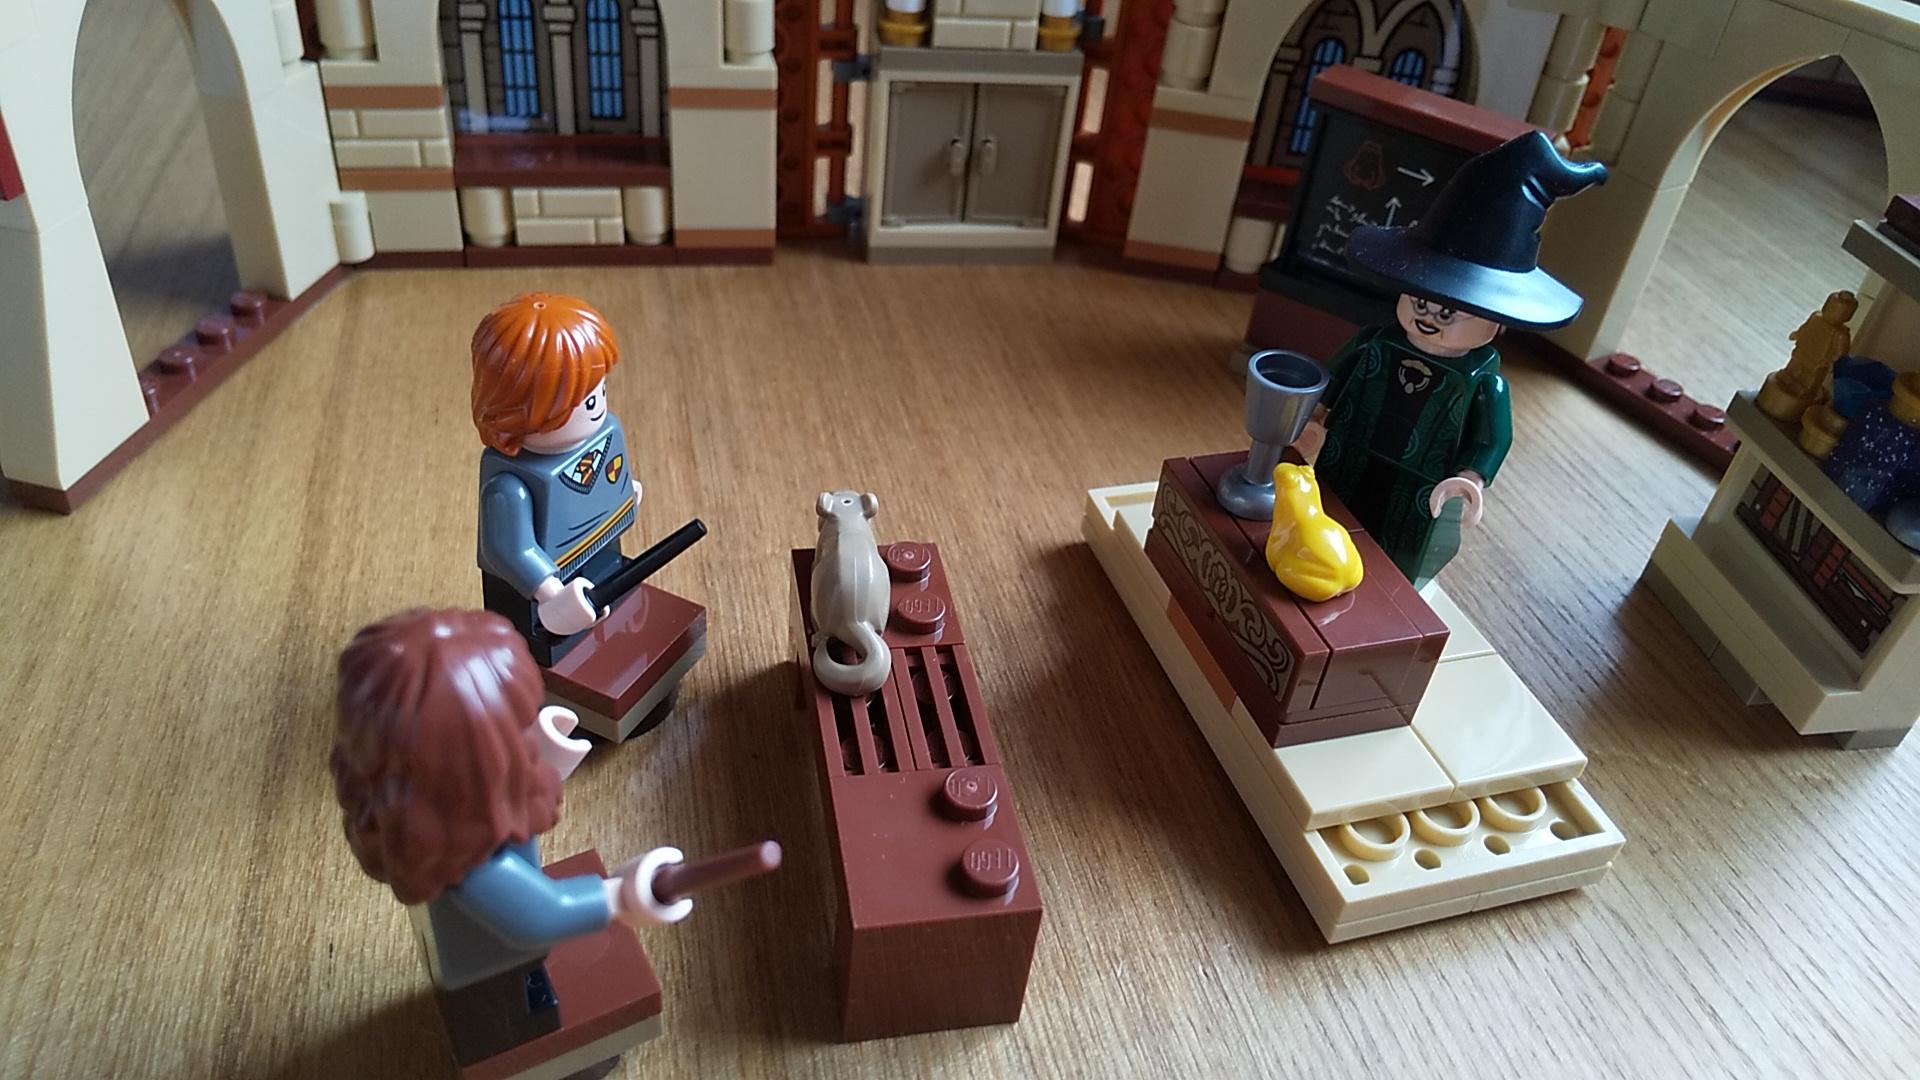 レゴレビュー『76384 ハリー・ポッター ホグワーツの教科書:薬草学』他の教科書も一緒に遊ぼう